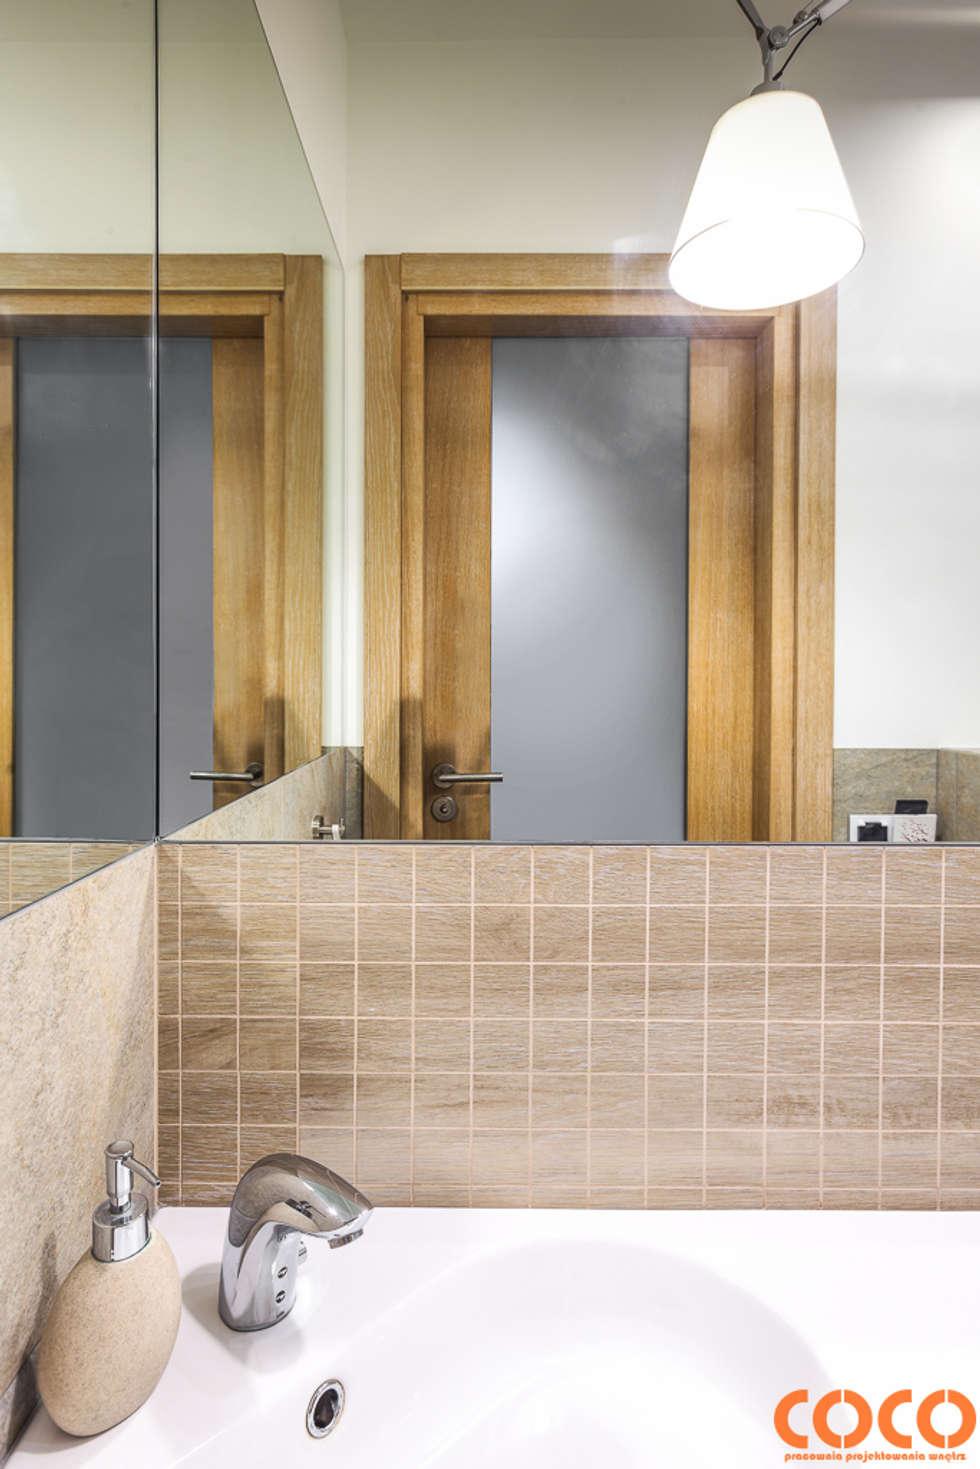 COCO dom naturą malowany: styl , w kategorii Łazienka zaprojektowany przez COCO Pracownia projektowania wnętrz